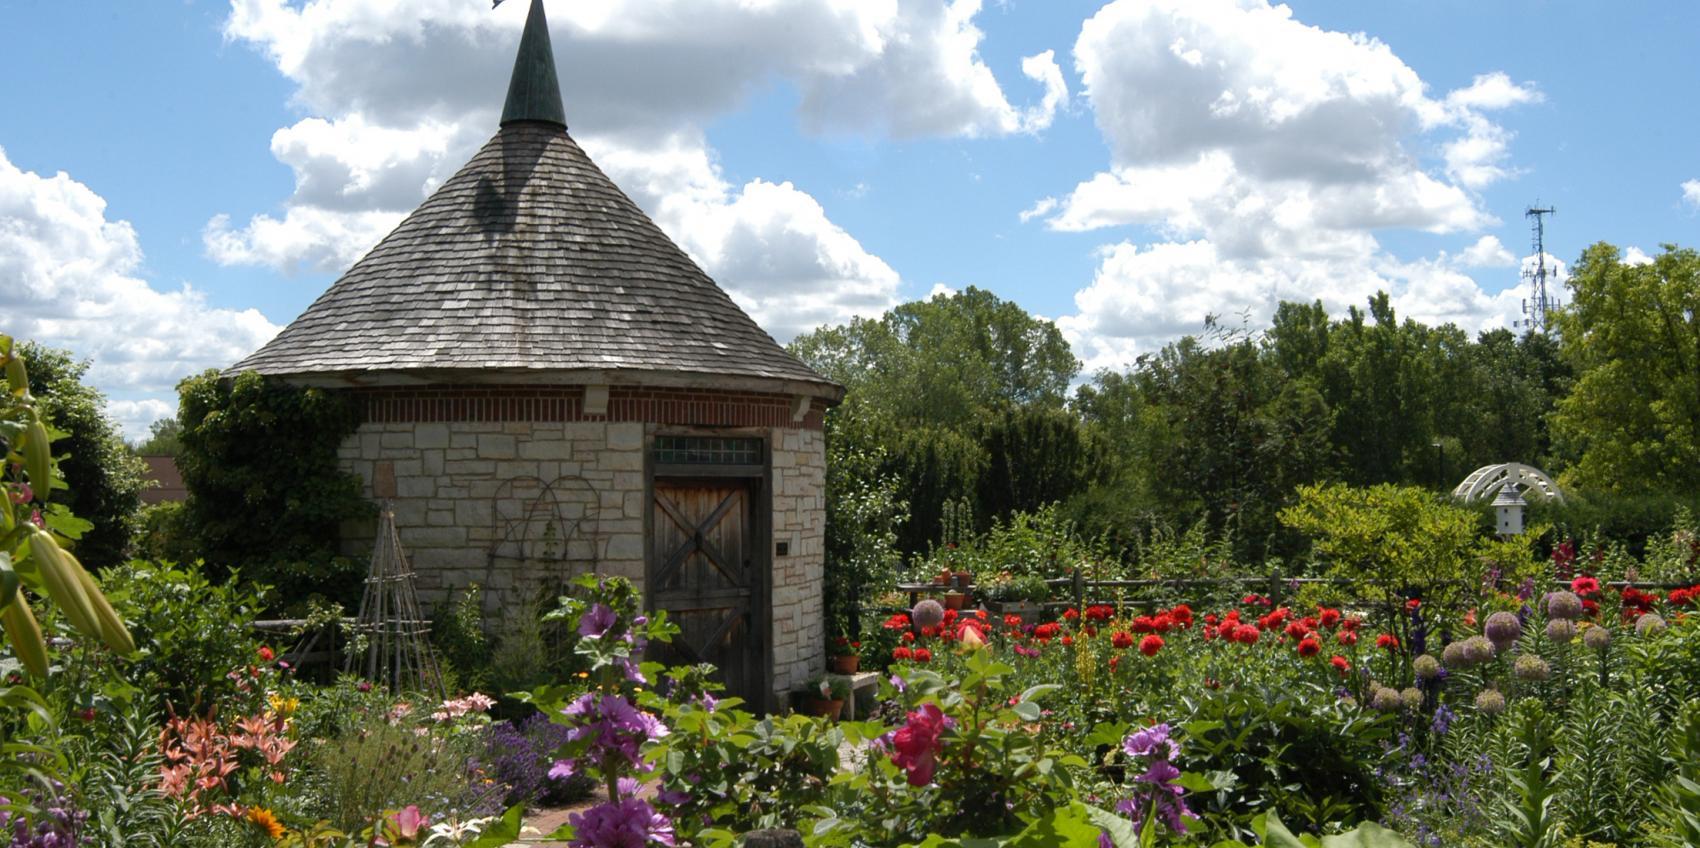 green bay botanical garden | american public gardens association